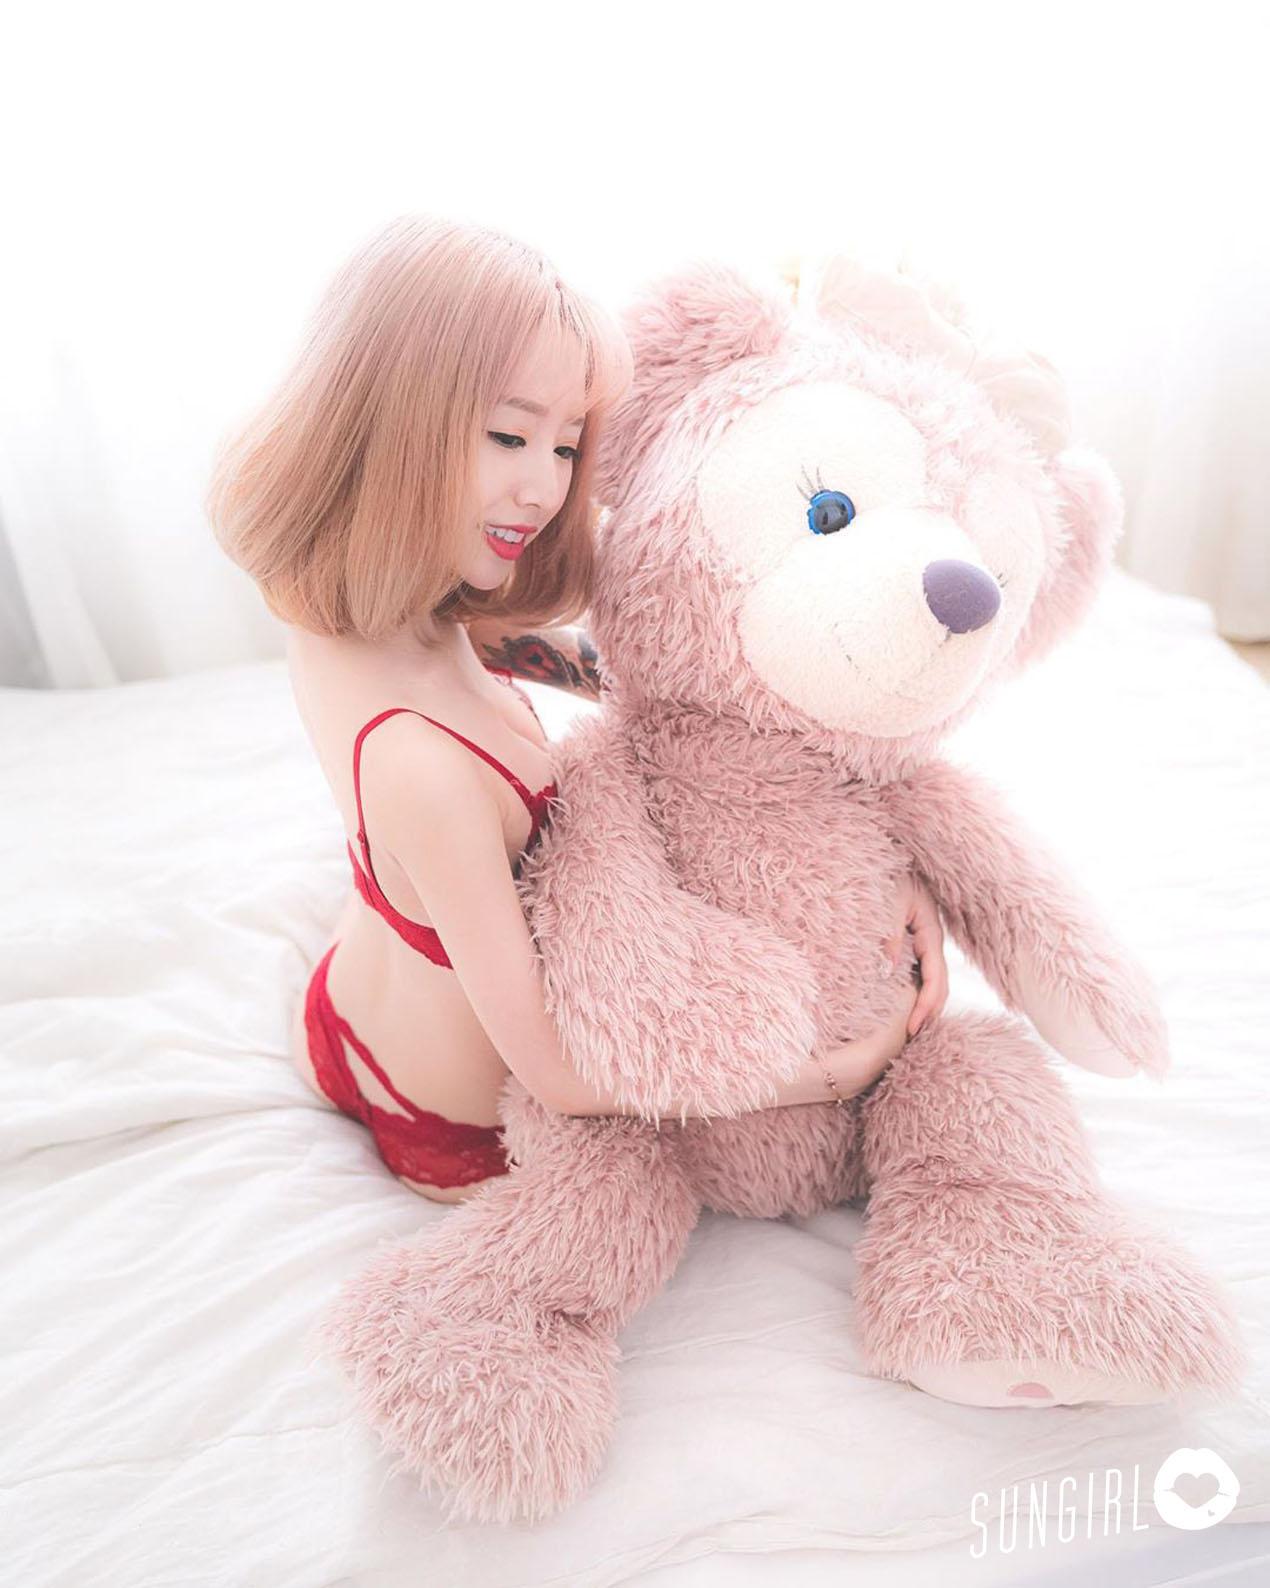 張筱密、甜美辣台妹 率直的個性吸引大批粉絲跟隨 - 美女圖 -